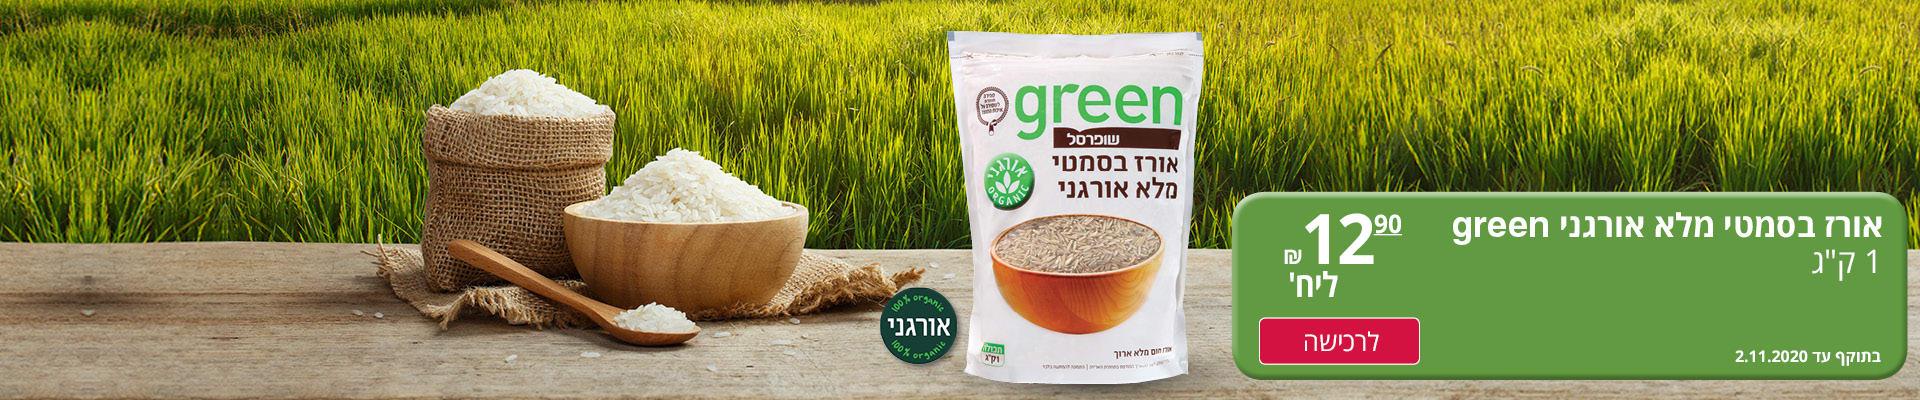 """אורז בסמטי מלא אורגני green 1 ק""""ג ב- 12.90 ₪. בתוקף עד 2.11.2020"""